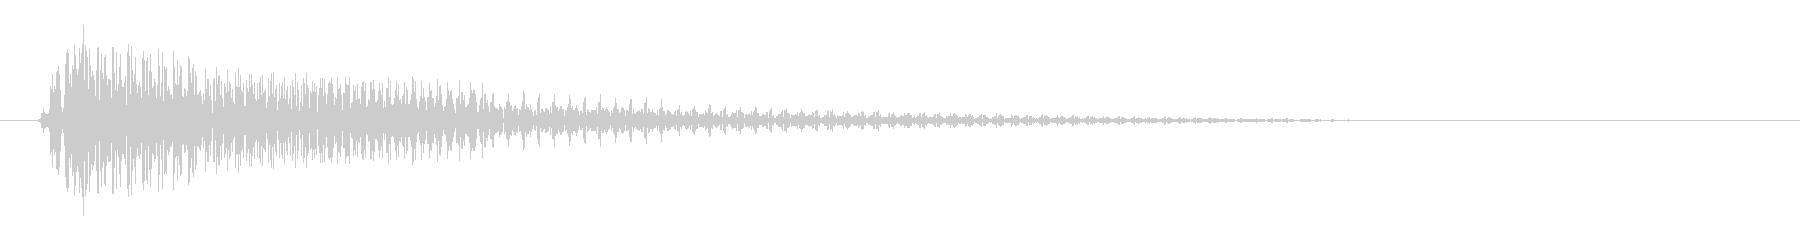 ピョロン電子音効果音の未再生の波形